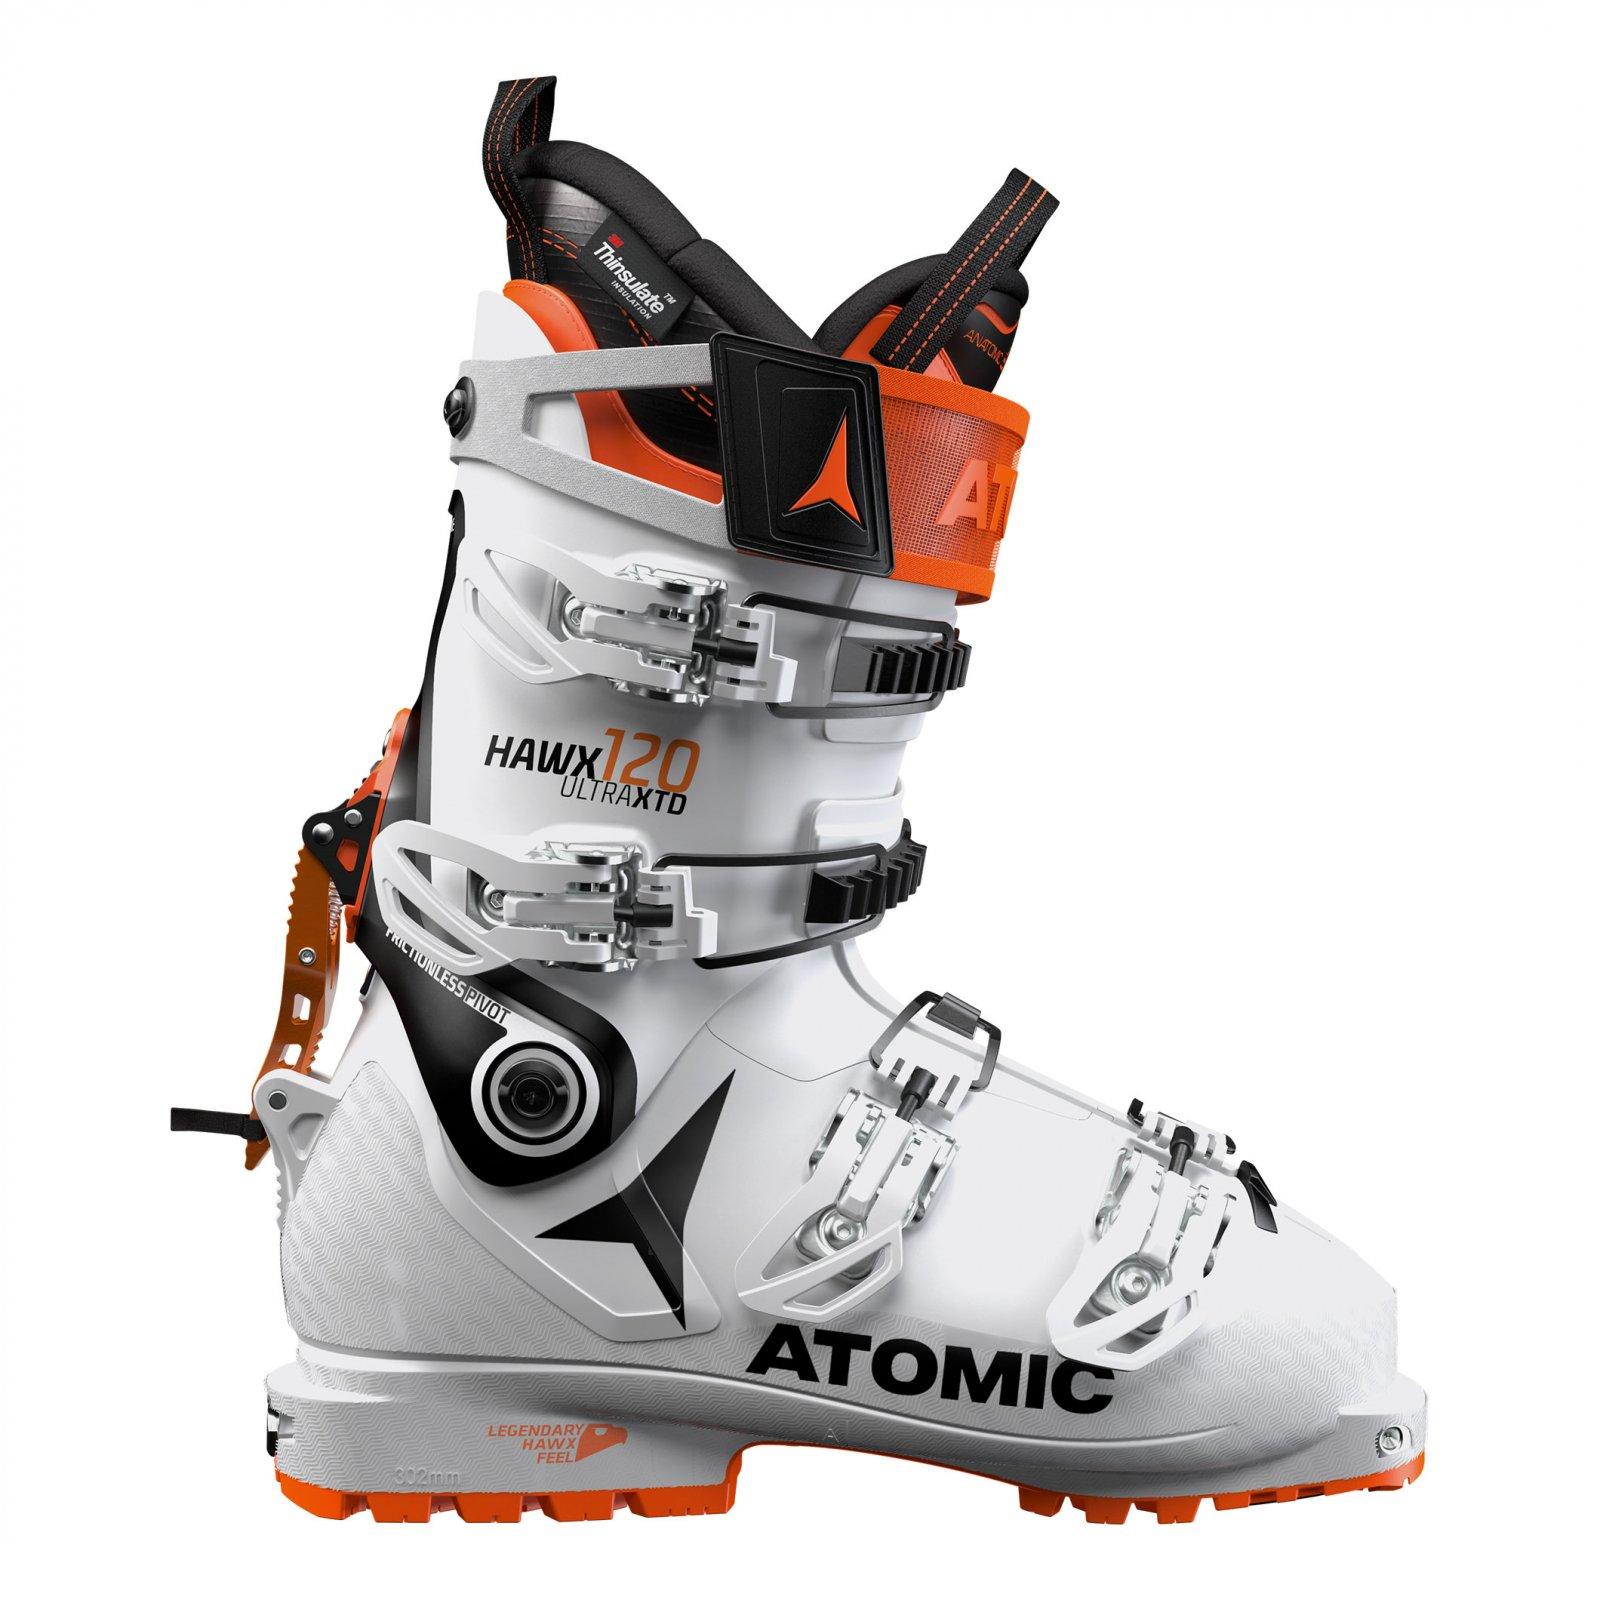 Atomic Hawx Ultra XTD 120 Ski Boots